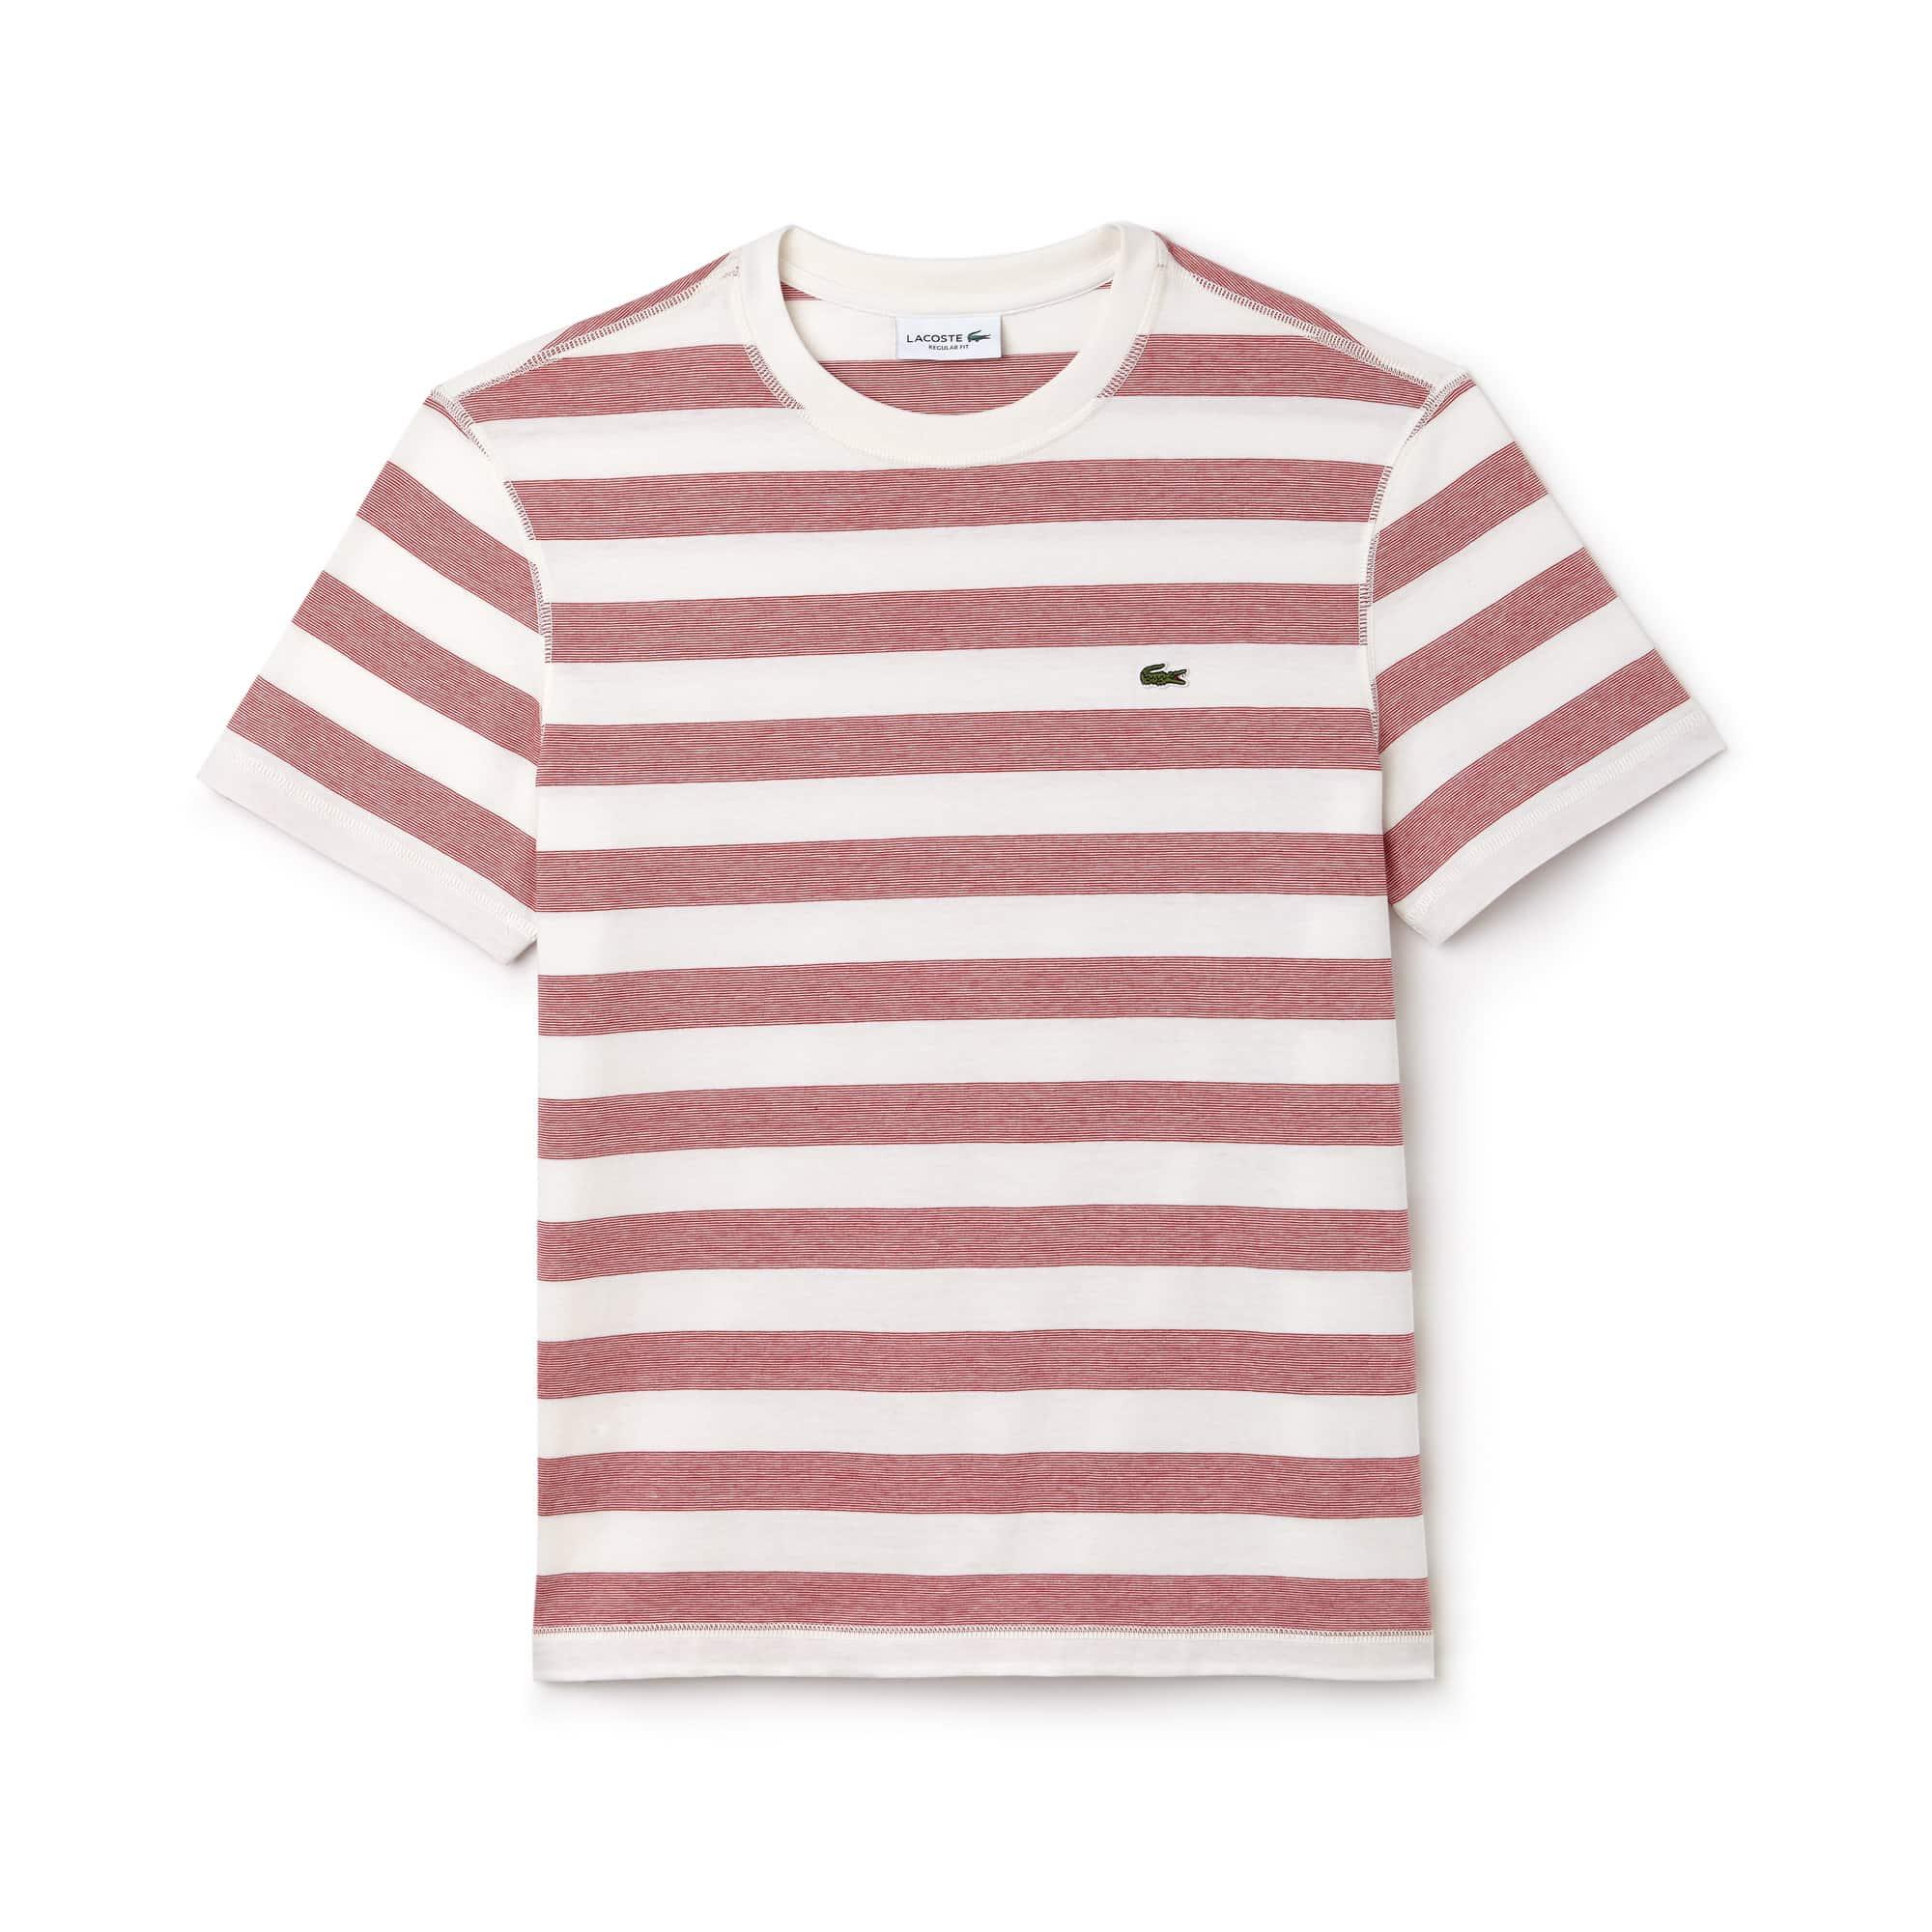 Men's Crew Neck Striped Cotton T-Shirt